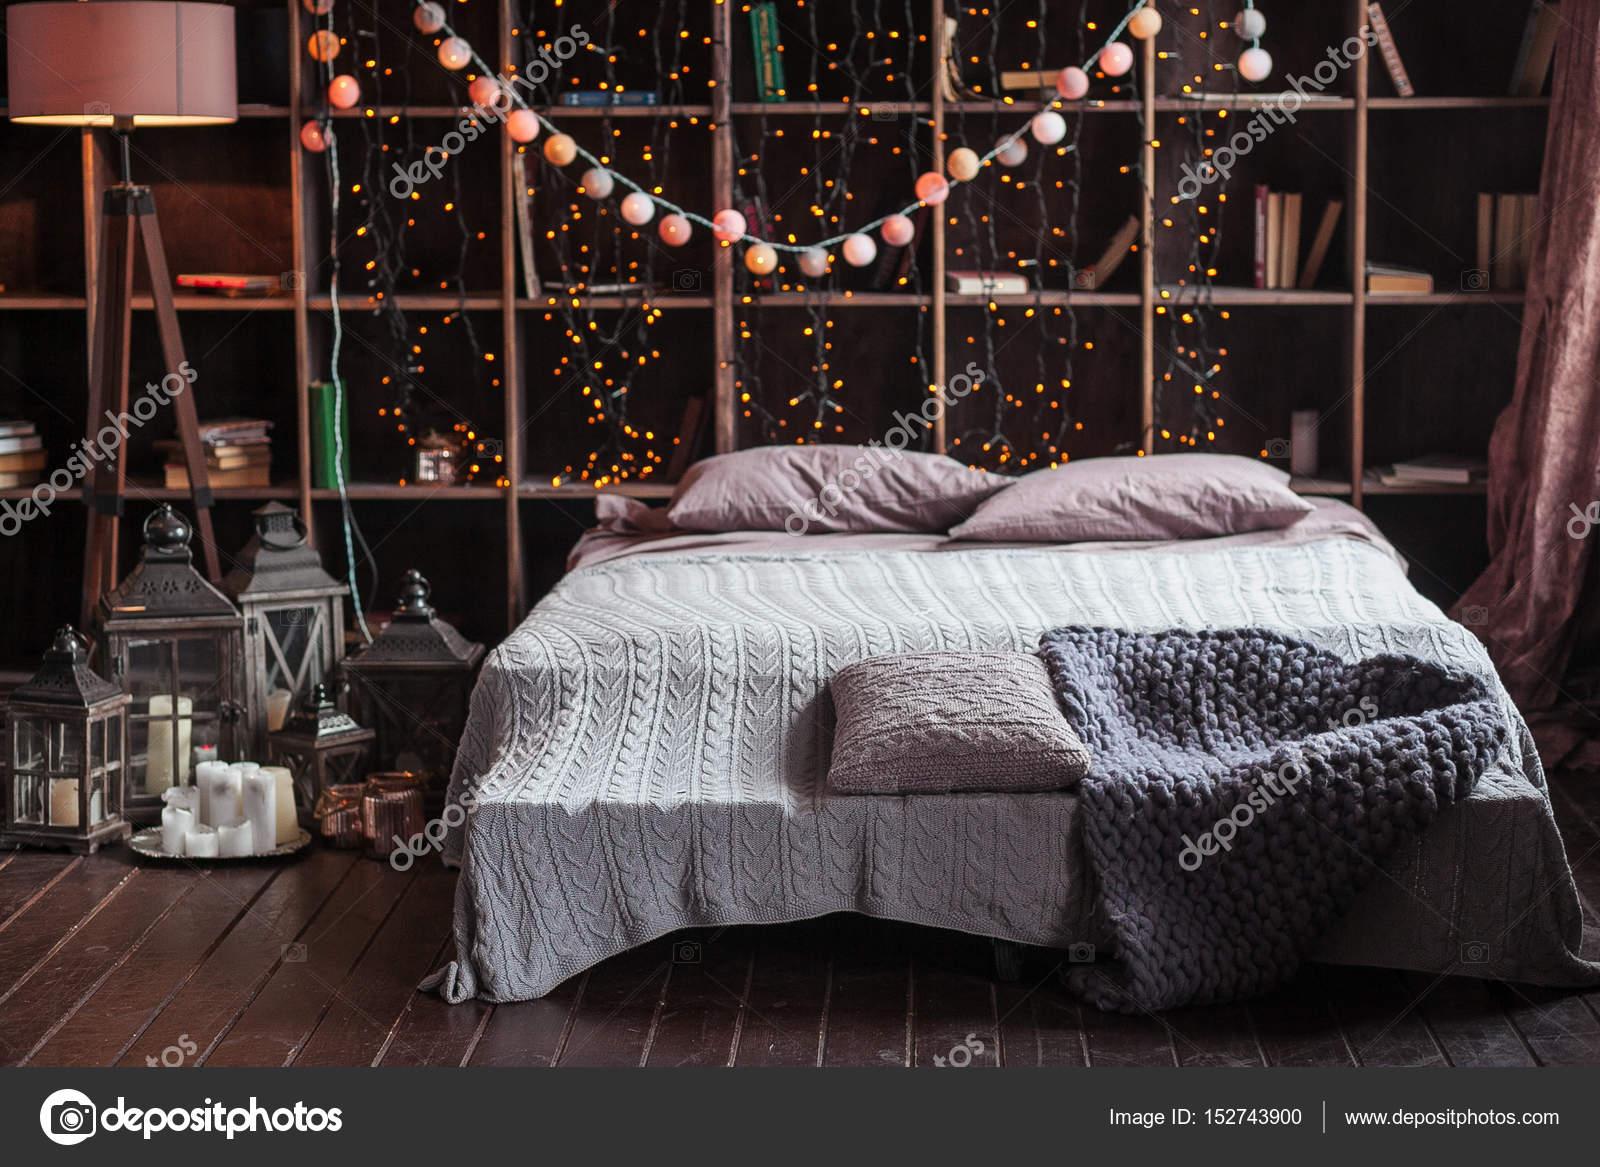 Gemutlichkeit Komfort Innenraum Und Feiertagen Konzept